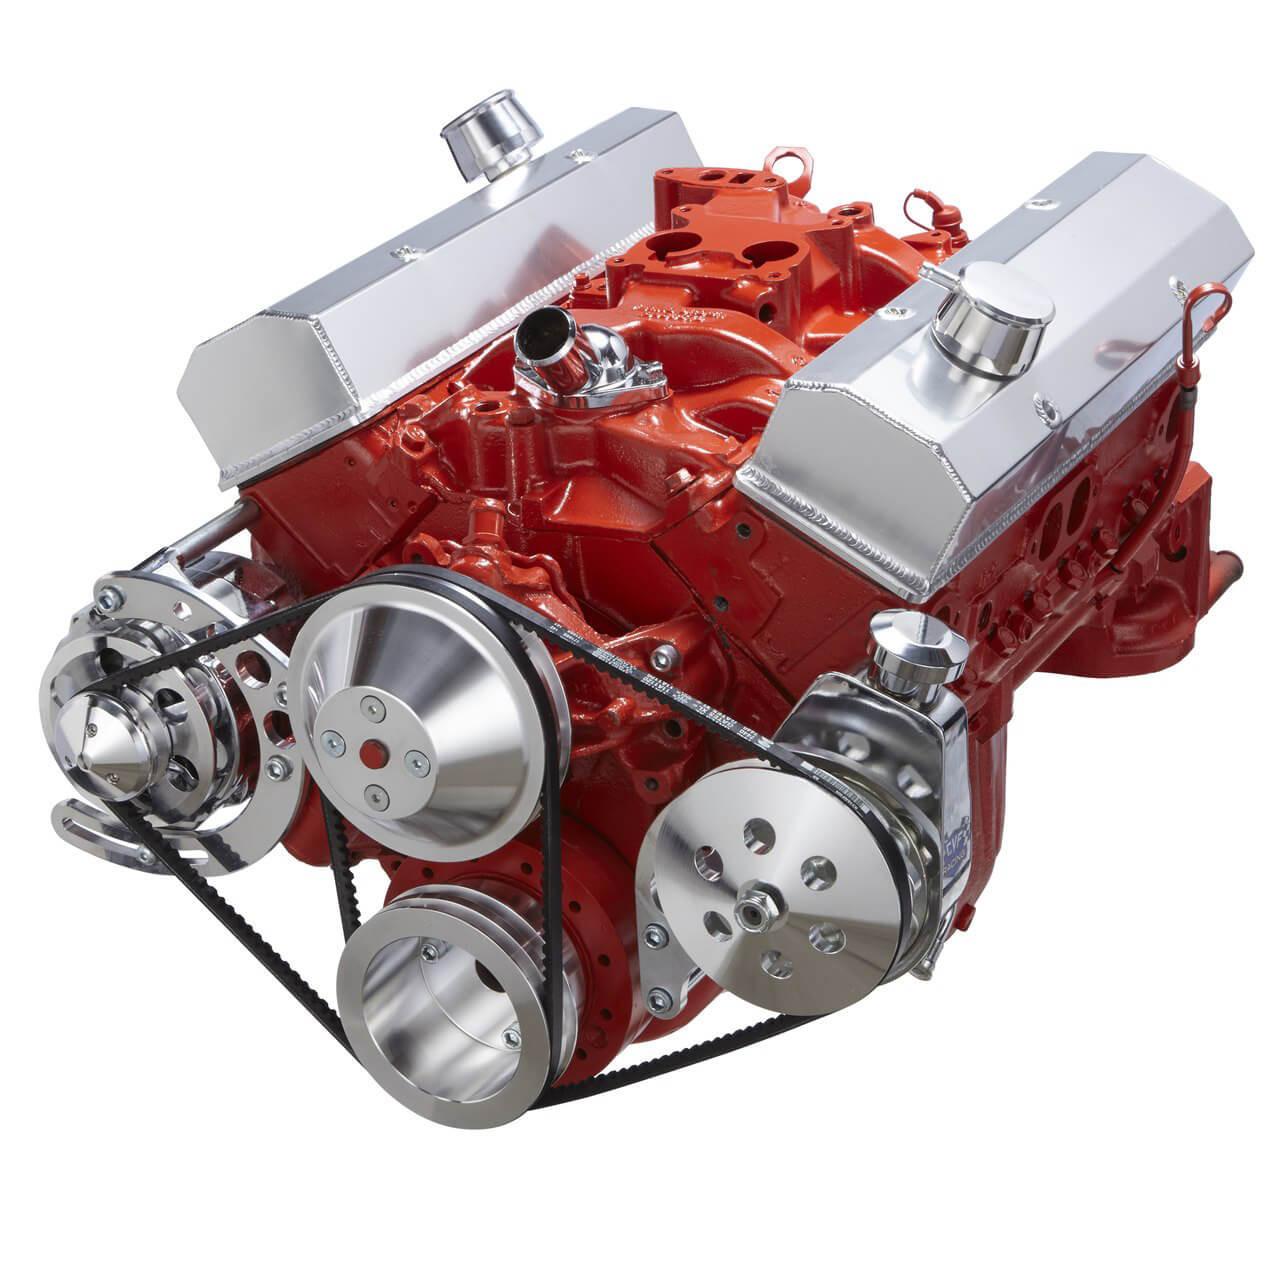 chevy v belt pulley bracket system 302 305 350 400 sbc 350 engine v belt diagram 350 engine v belt diagram [ 1280 x 1280 Pixel ]